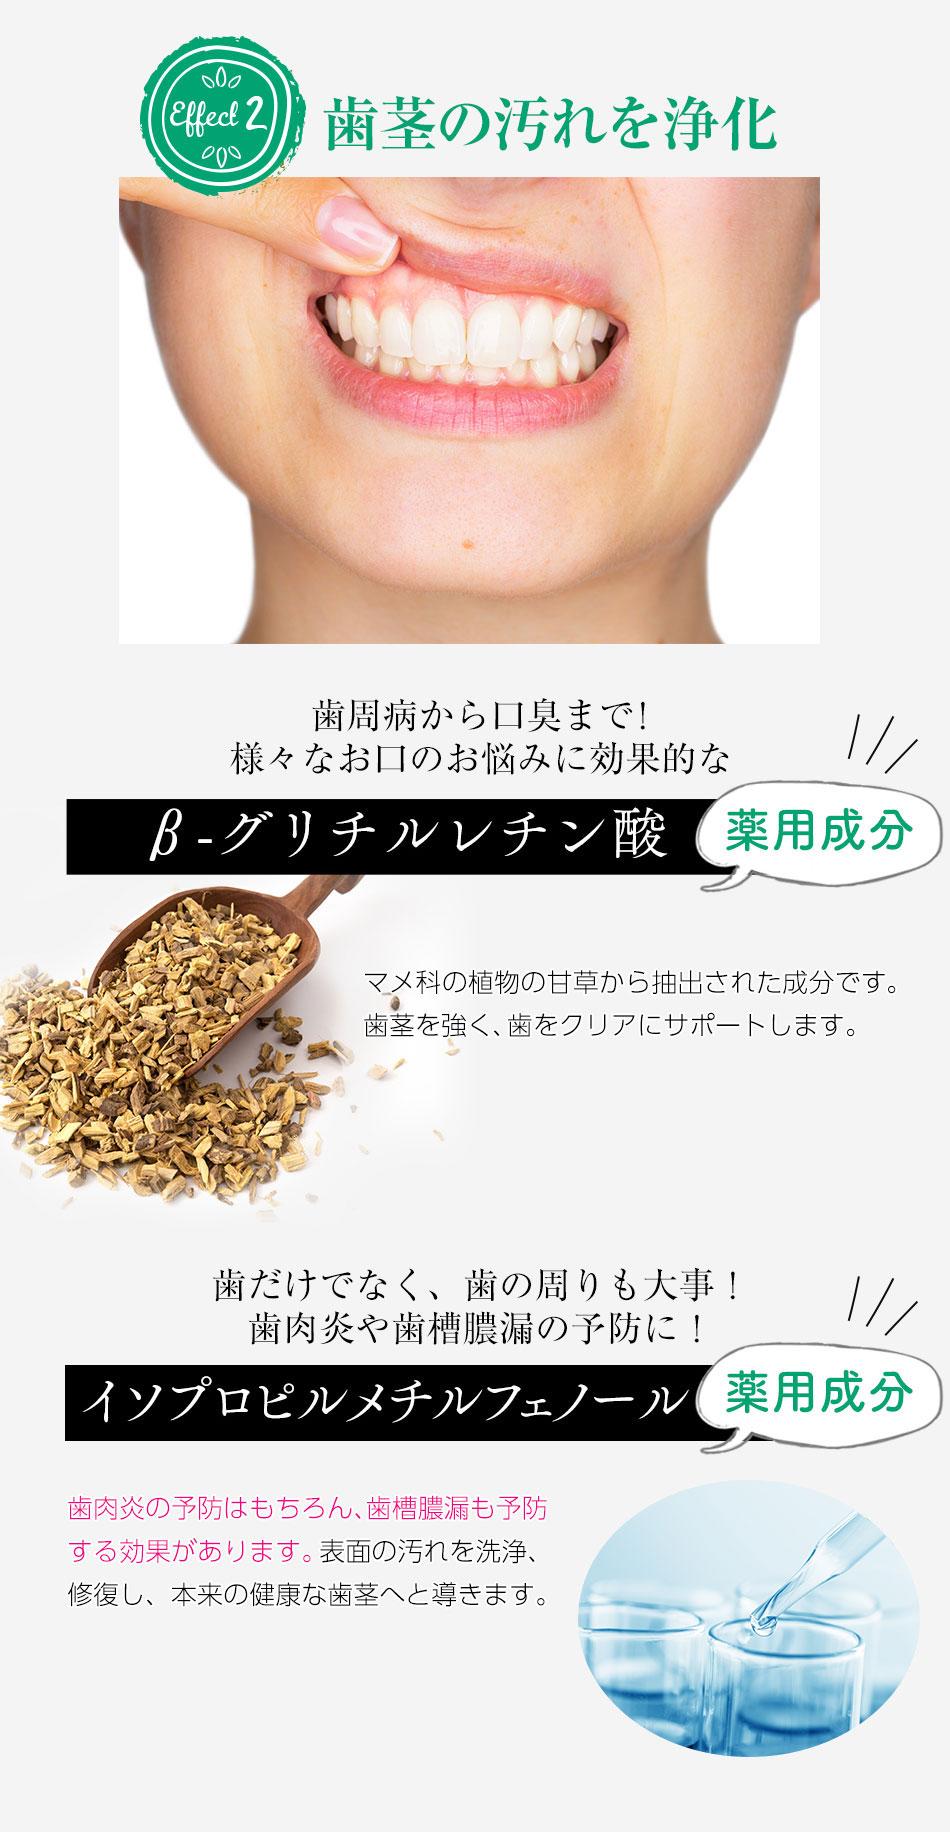 ②歯茎の汚れを浄化!薬用成分B−グリチルレチン酸、薬用成分イソプロピルメチルフェノール